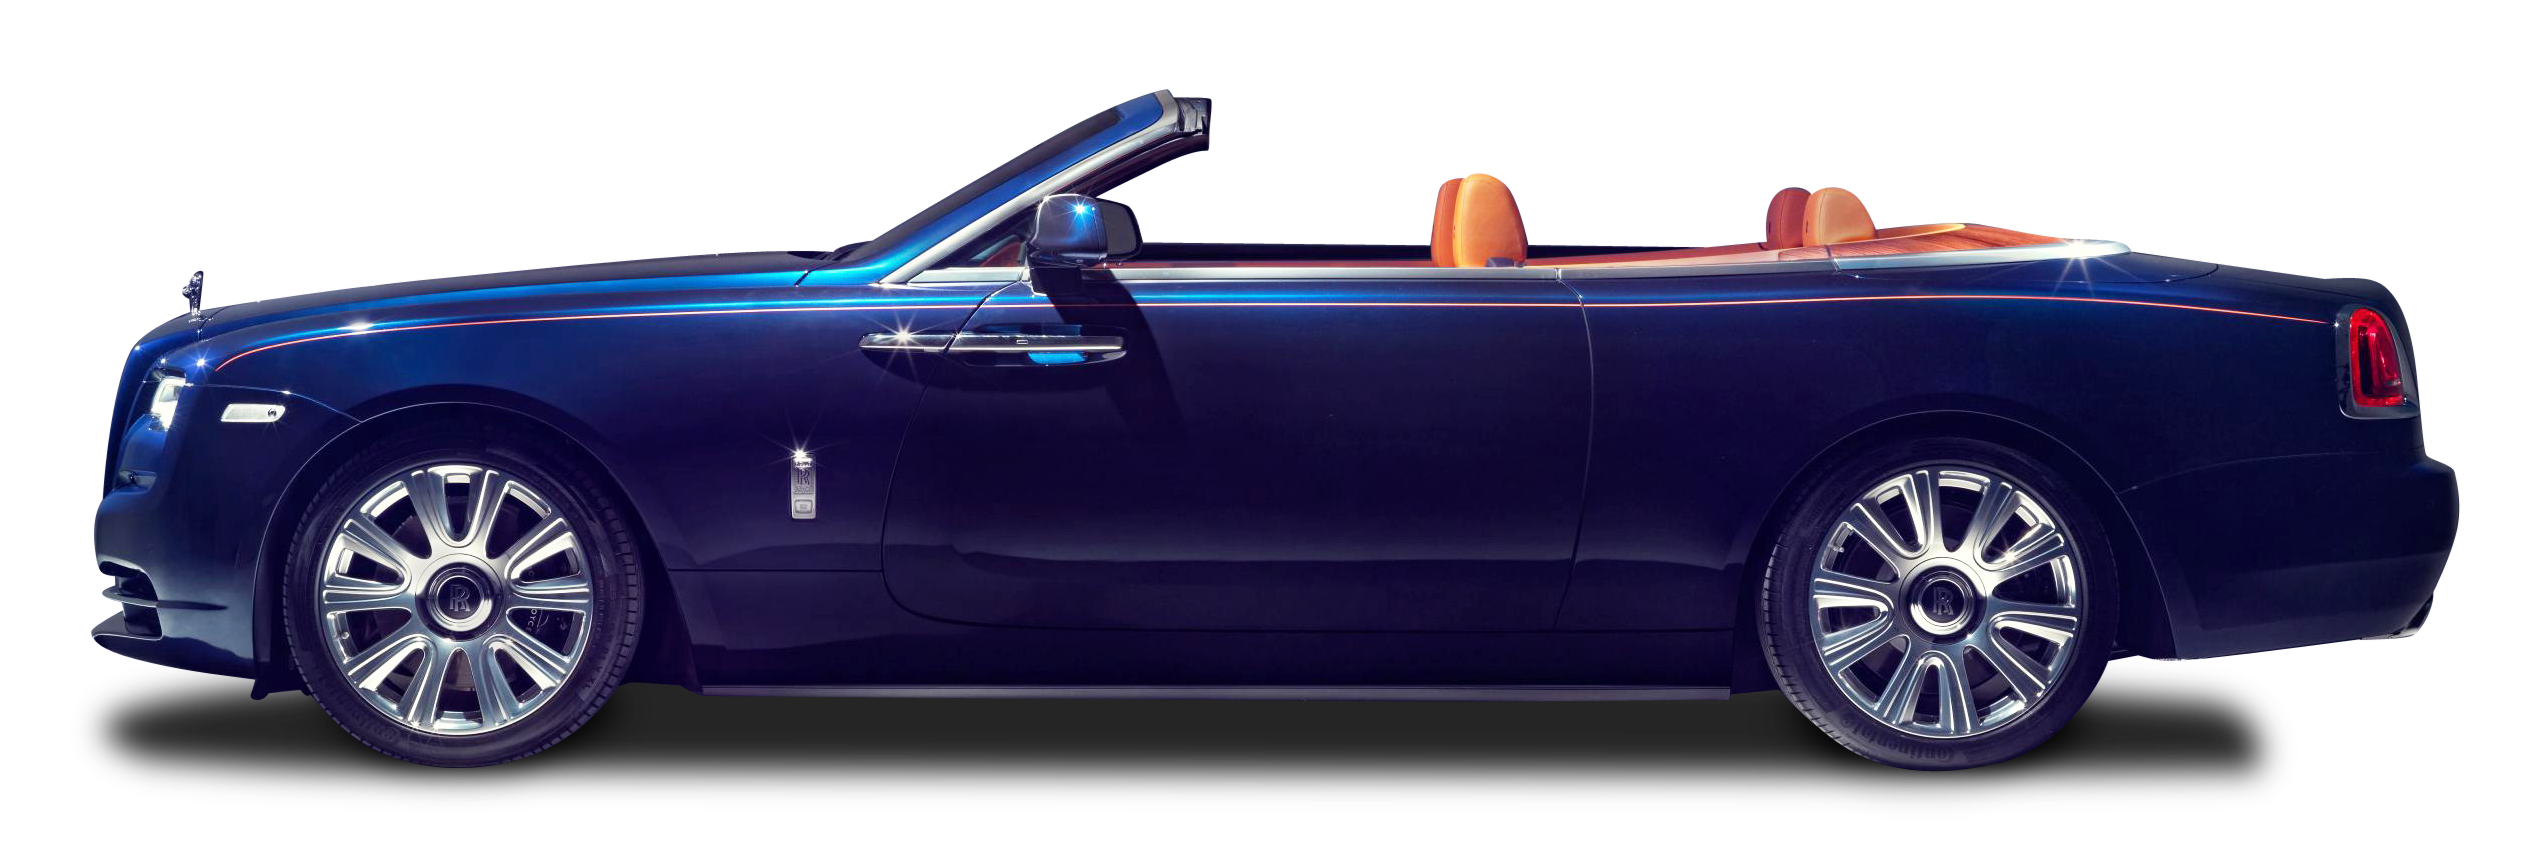 Rolls Royce Dawn Blue Car